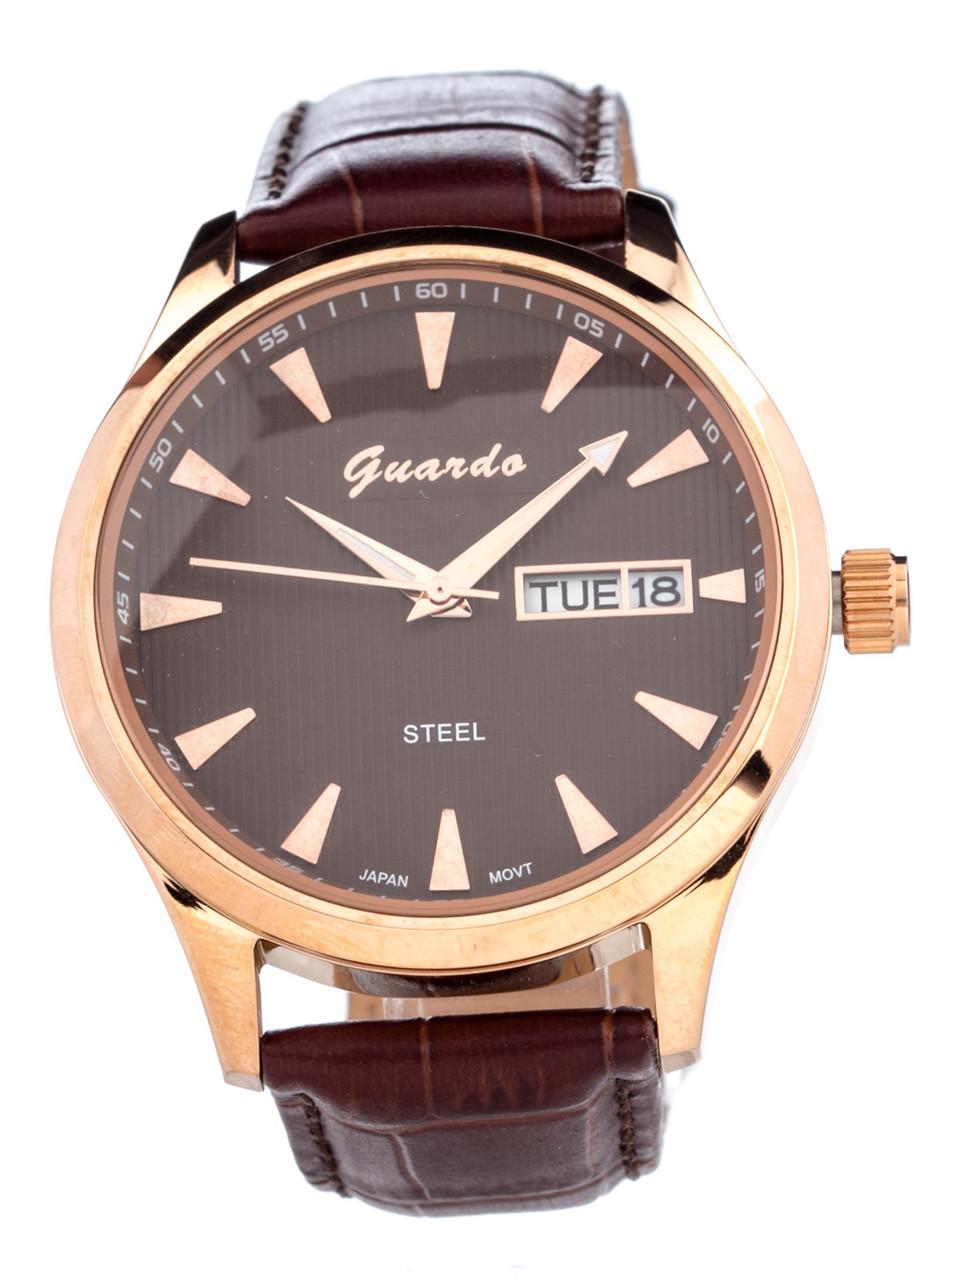 Чоловічі наручні годинники Guardo S00539 RgBrBr